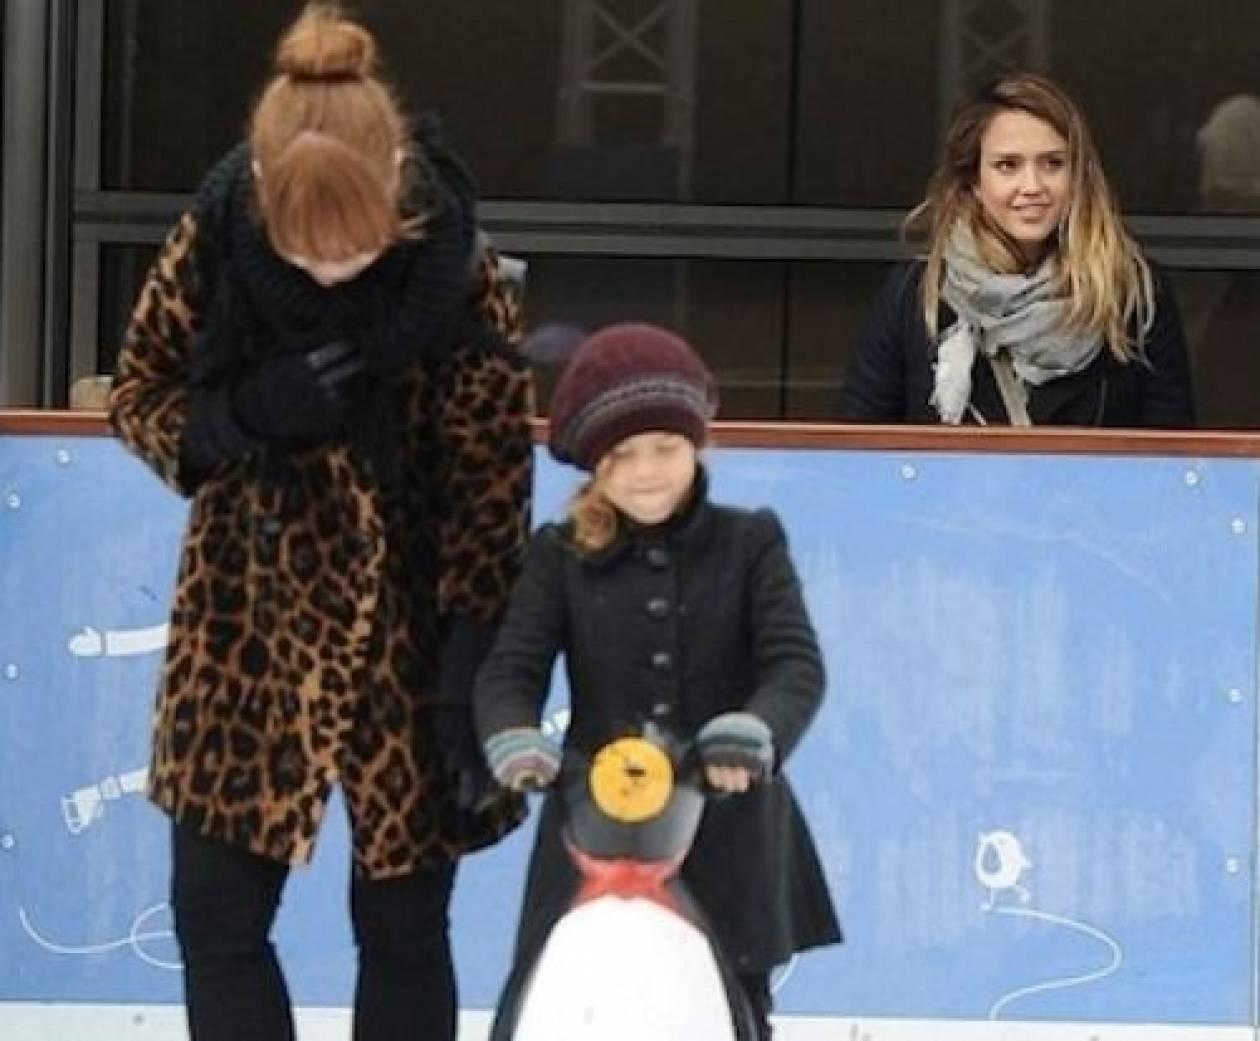 Δείτε την κόρη της Jessica Alba να κάνει πατινάζ